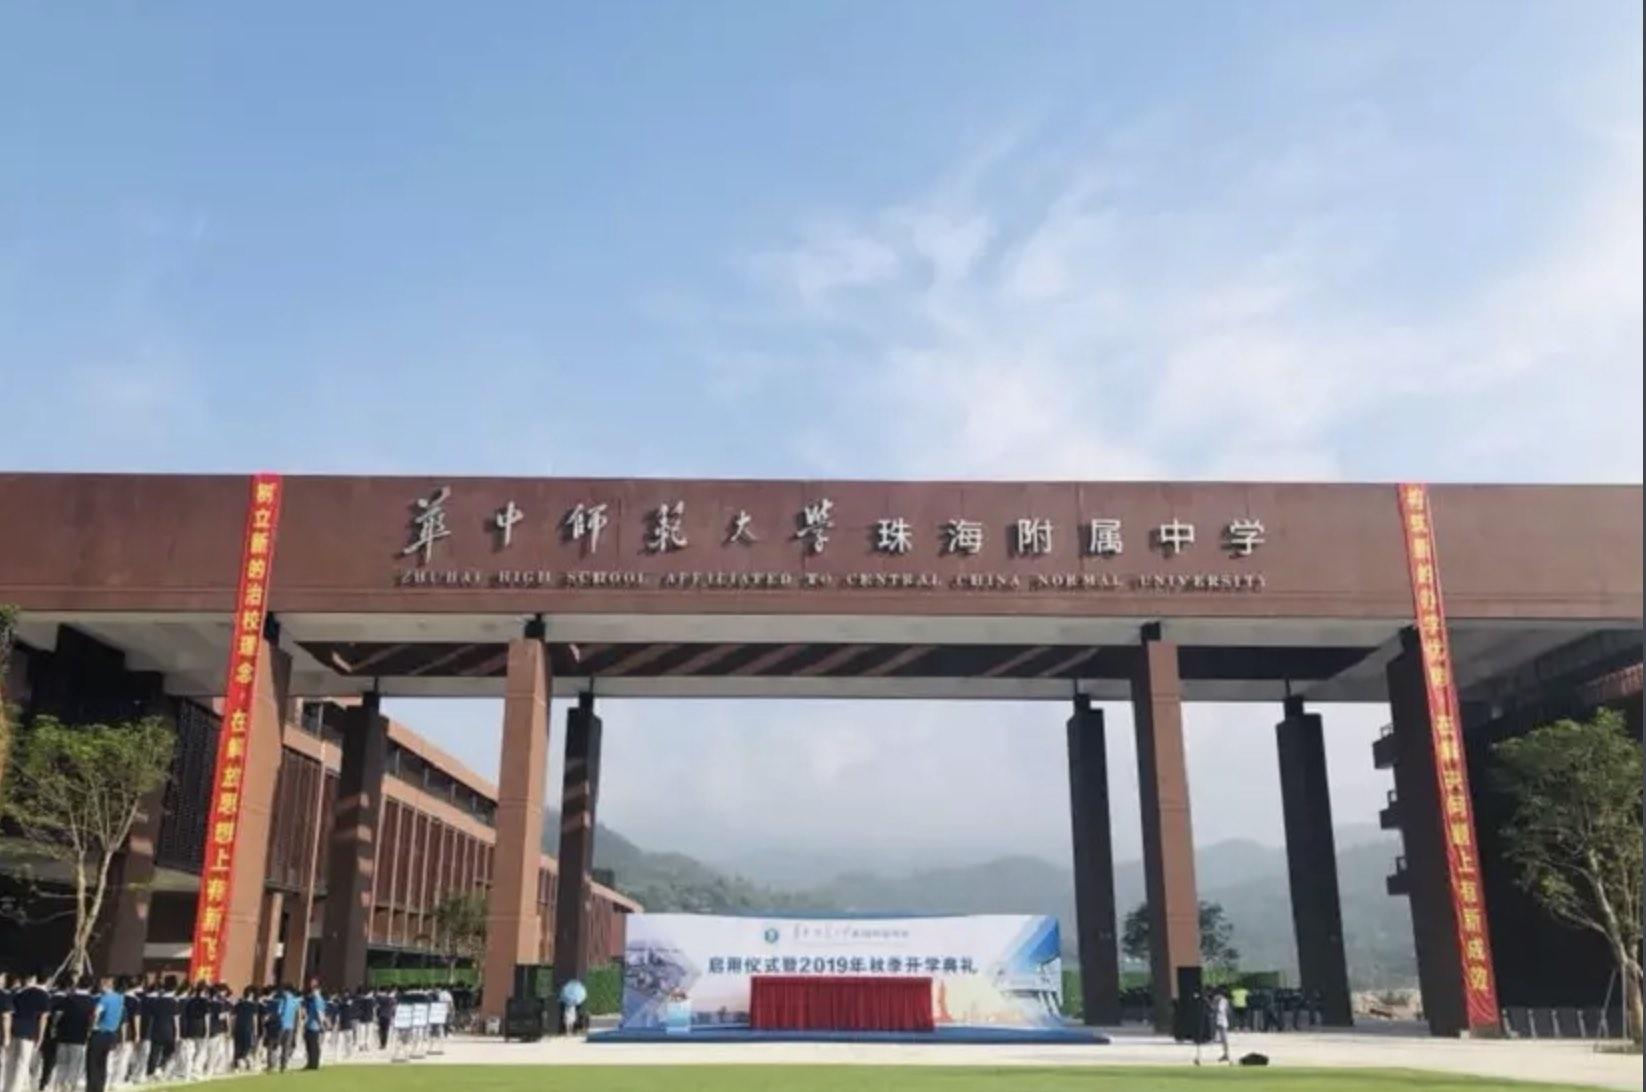 百通助力华中师范大学珠海附属中学智慧校园项目